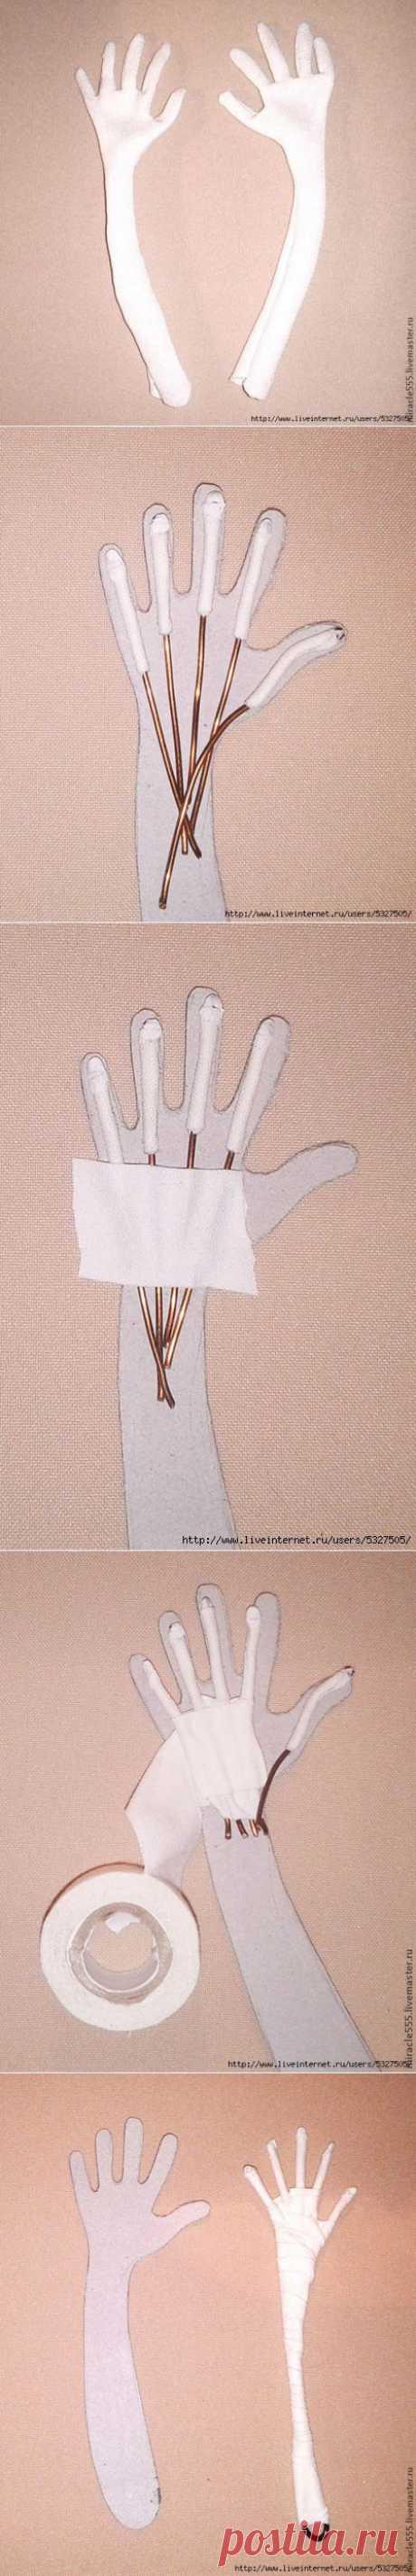 Изготовление рук на проволочном каркасе..